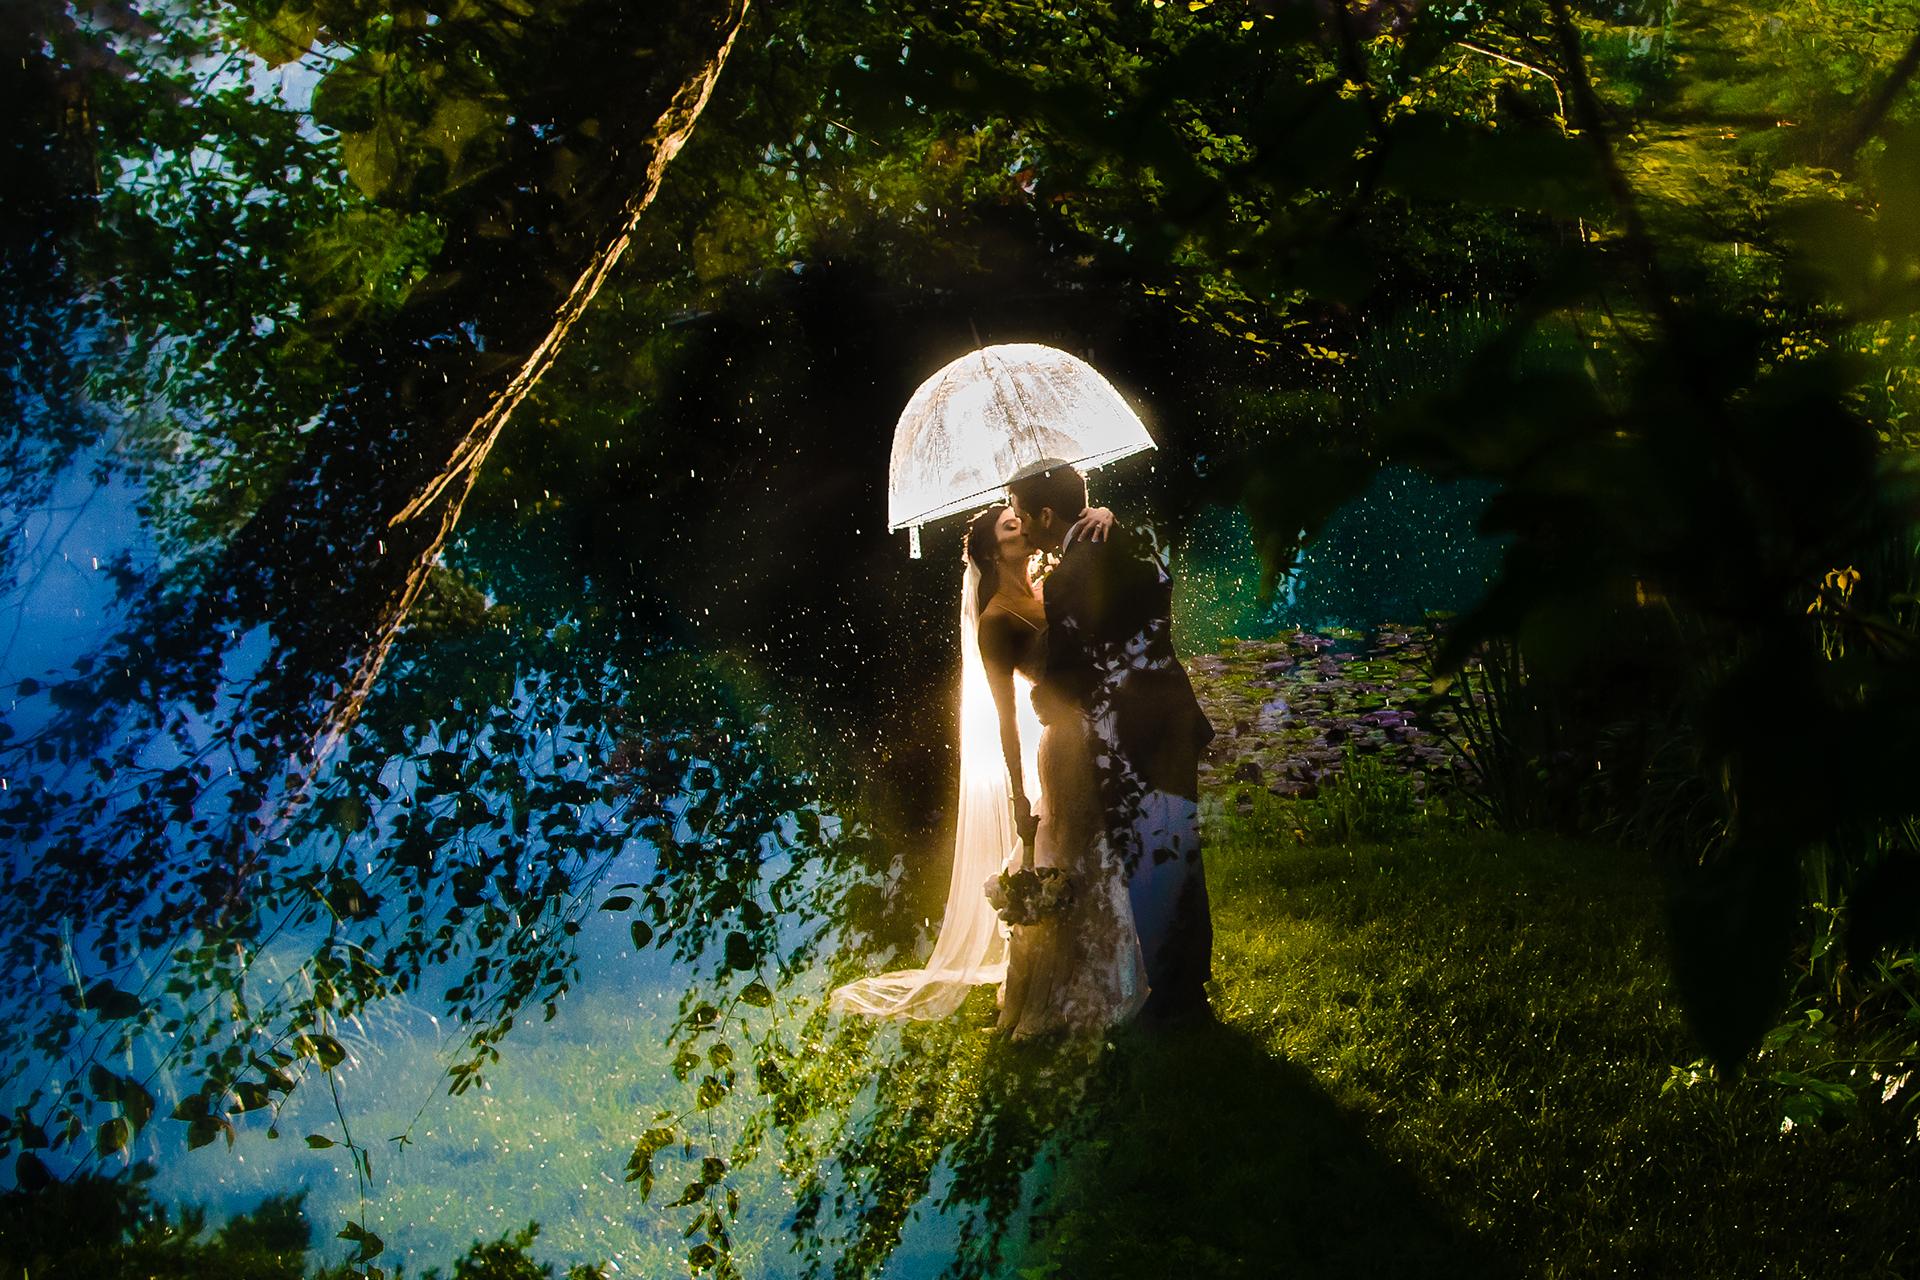 攝影師對雨傘下的這對新婚夫婦肖像有個好主意。